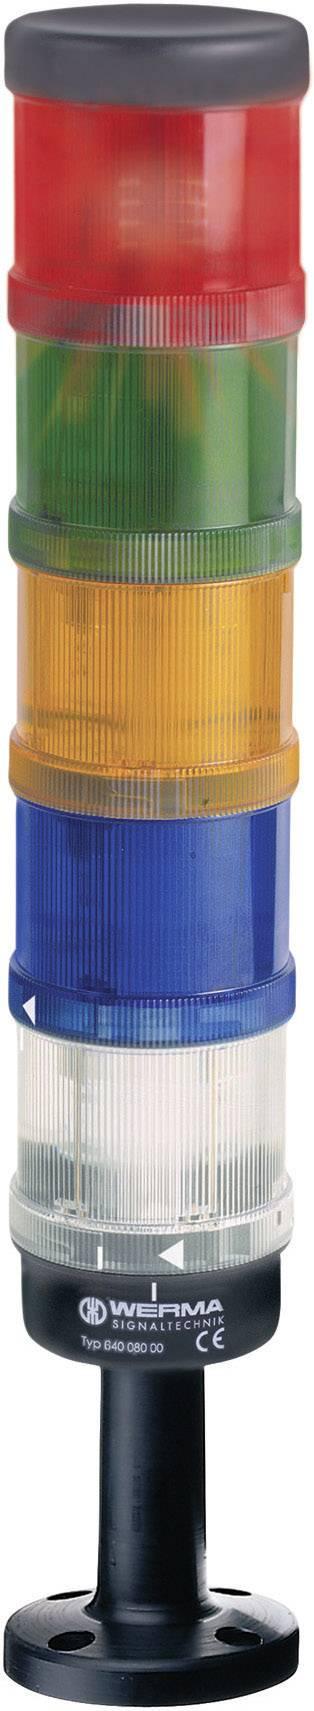 Súčasť signalizačného stĺpika LED Werma Signaltechnik WERMA KombiSign 71 644.200.75, 24 V/DC, trvalé svetlo, zelená